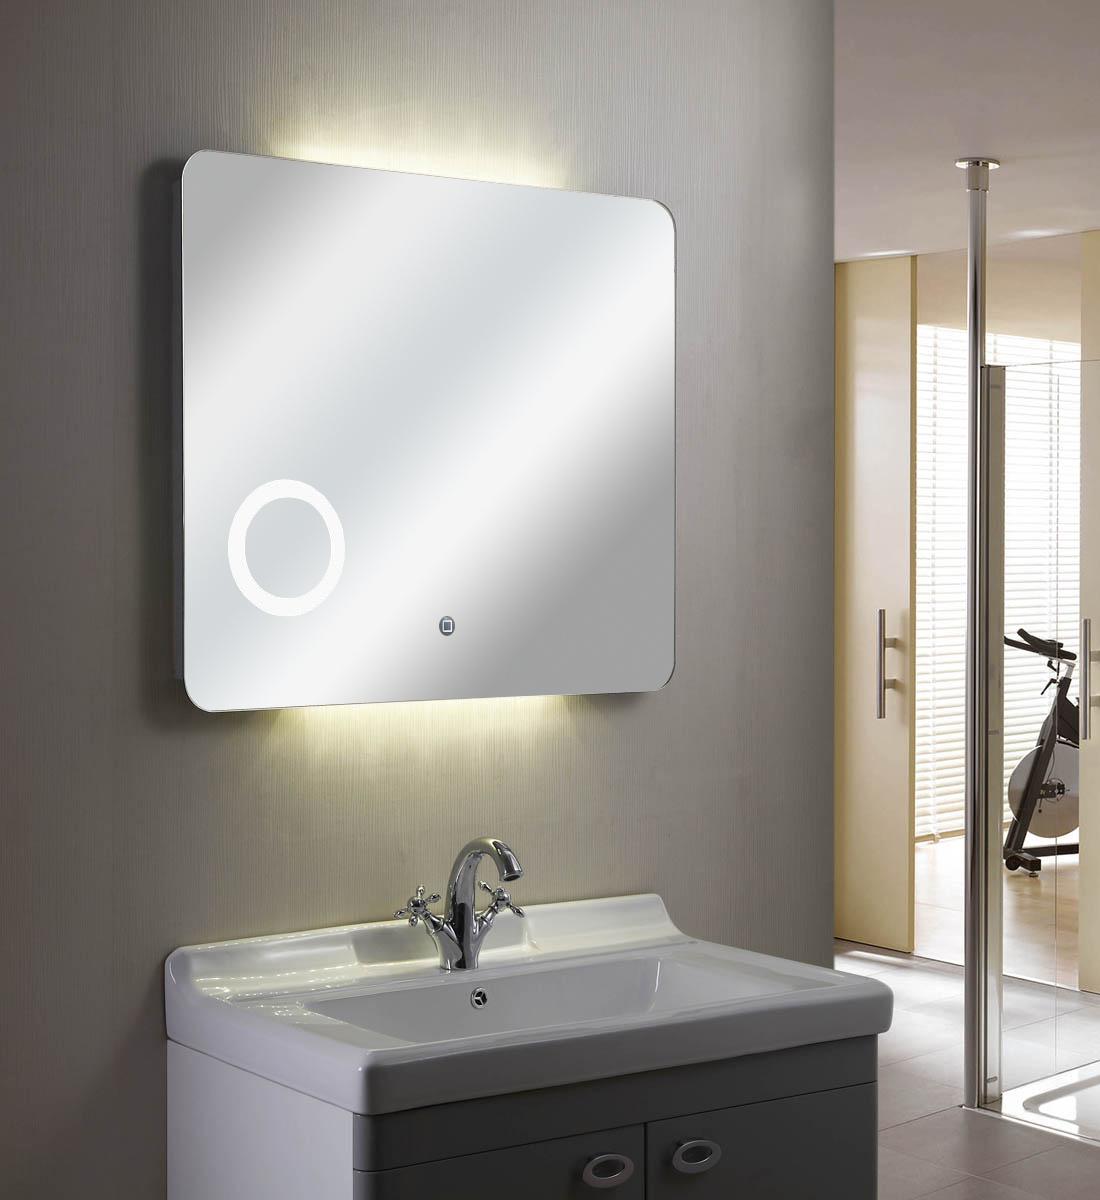 Rowenta Specchio Pieghevole.Specchio Con Luce Led Touch Screen Rettangolare L 80xh 70cm Mastin 12